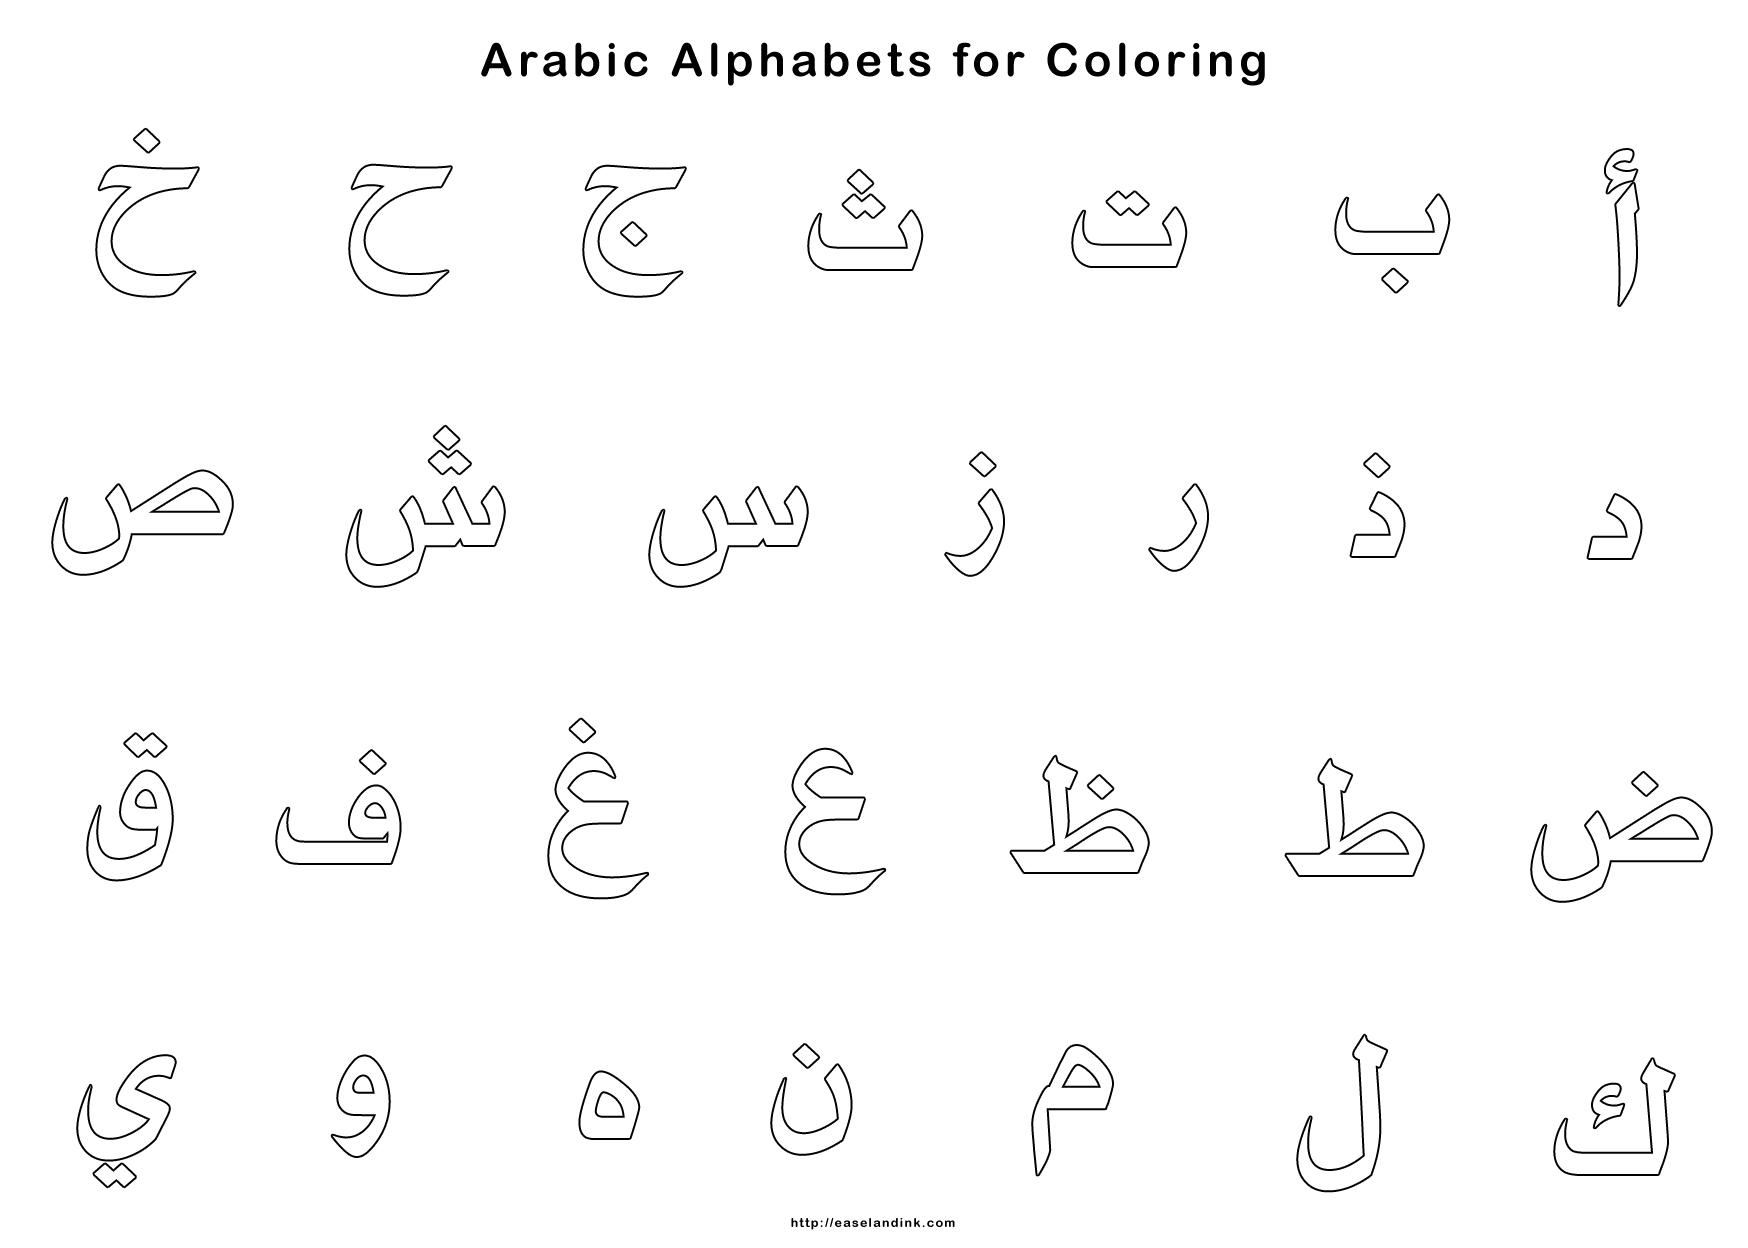 أنشطة الحروف العربية للتلوين